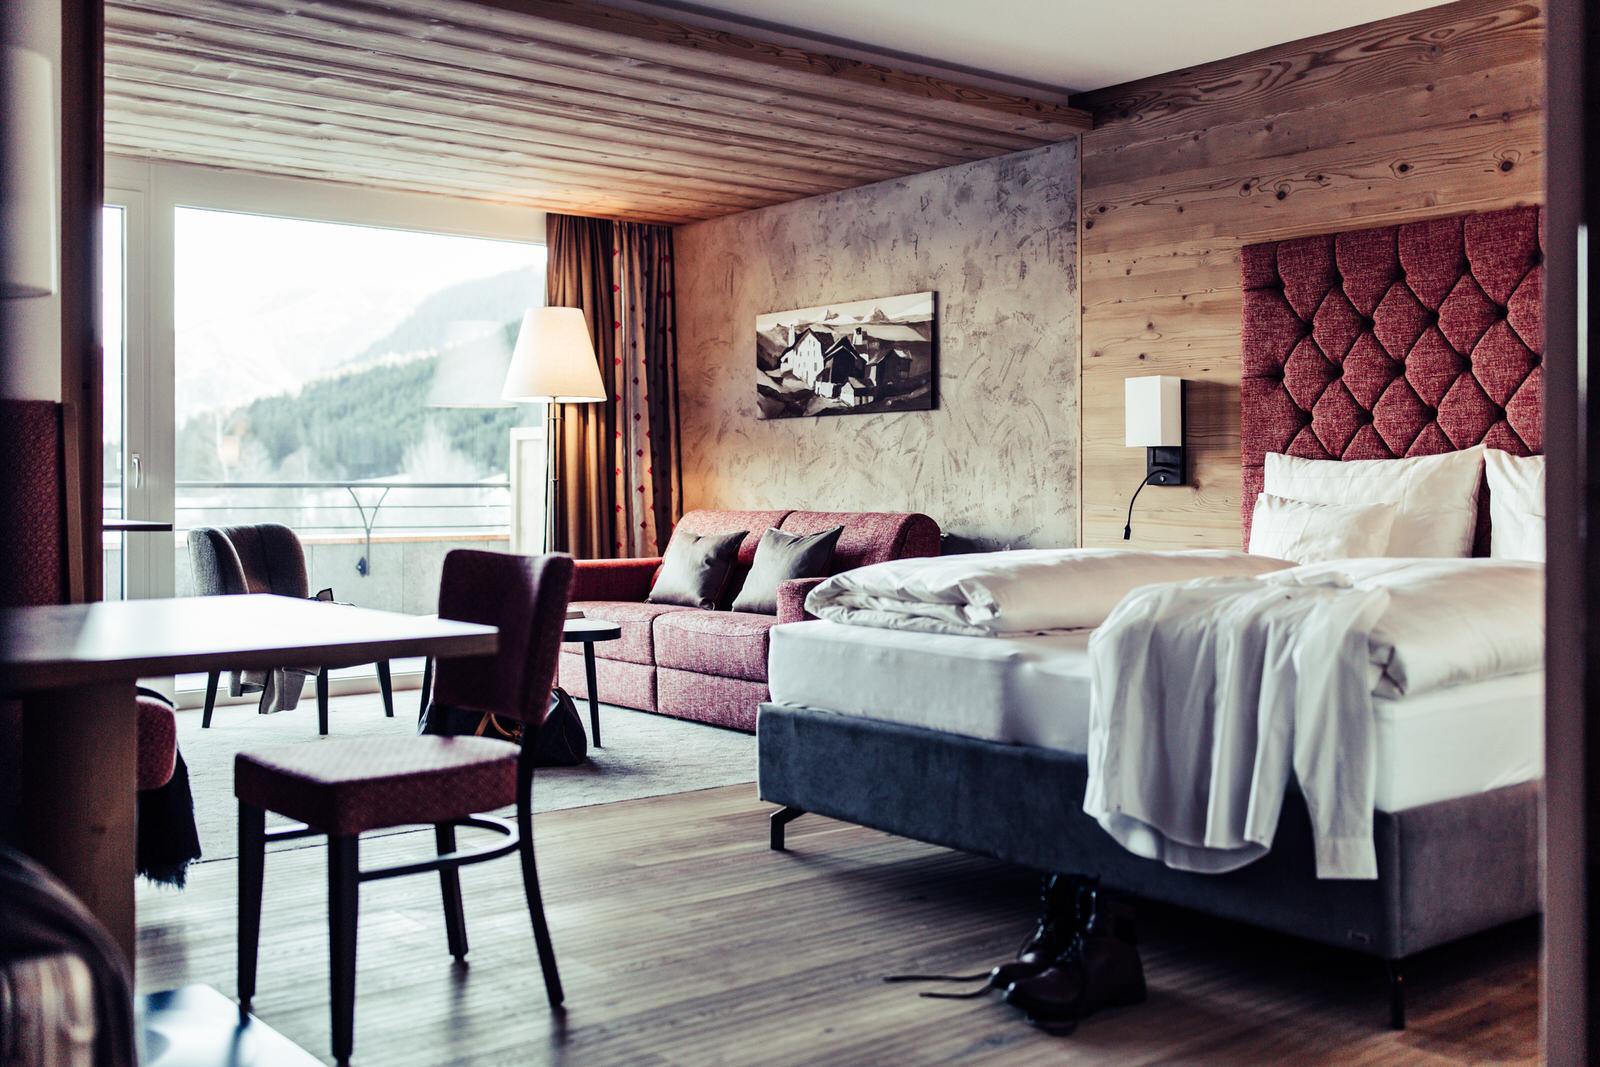 Gemütliche Atmosphäre und natürliche Materialien treffen auf alpines Feeling im Bio Hotel Bergzeit